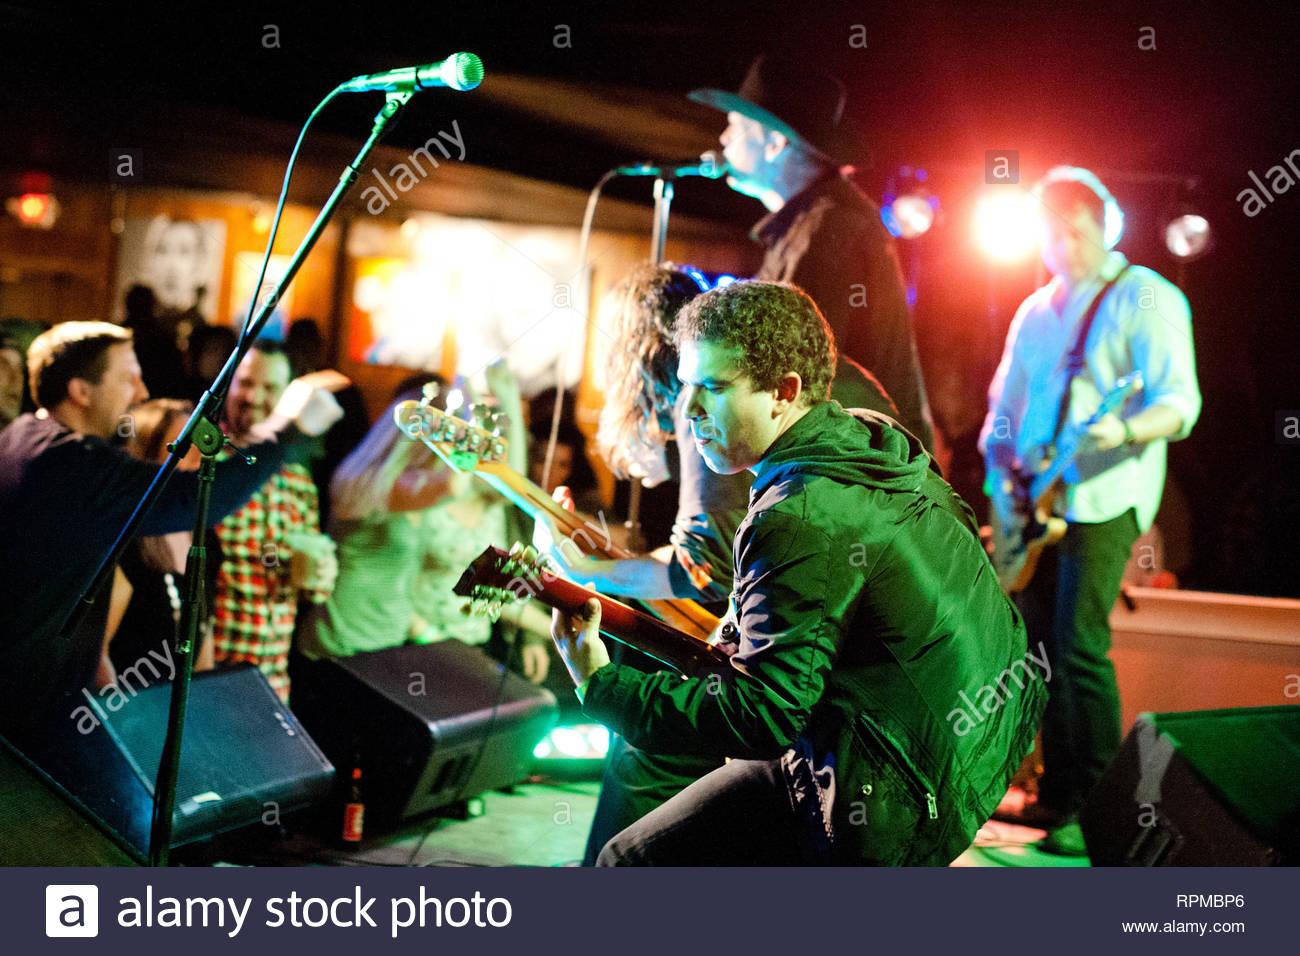 """[Kein Deutschland, Österreich] Asbury Park, NJ - Mitglieder der Rock Band """"ramarama: """"Gemeinsam für die Licht des Tages Foundation erhalten Sie bei Tim McLoone's Supper Club in New Jersey, wo Sie leben. AKM-GSI Januar 18, 2013 [kein Deutschland, Österreich] Diese Fotos zu lizenzieren, wenden Sie sich bitte an: Steve Ginsburg (310) 505-8447 (323) 423-9397 steve@ginsburgspalyinc.com Sales@ginsburgspalyinc.com oder Keith Stockwell (310) 261-8649 (323) 325-8055 keith@ginsburgspalyinc.com Ginsburgspalyinc@gmail.com Stockbild"""